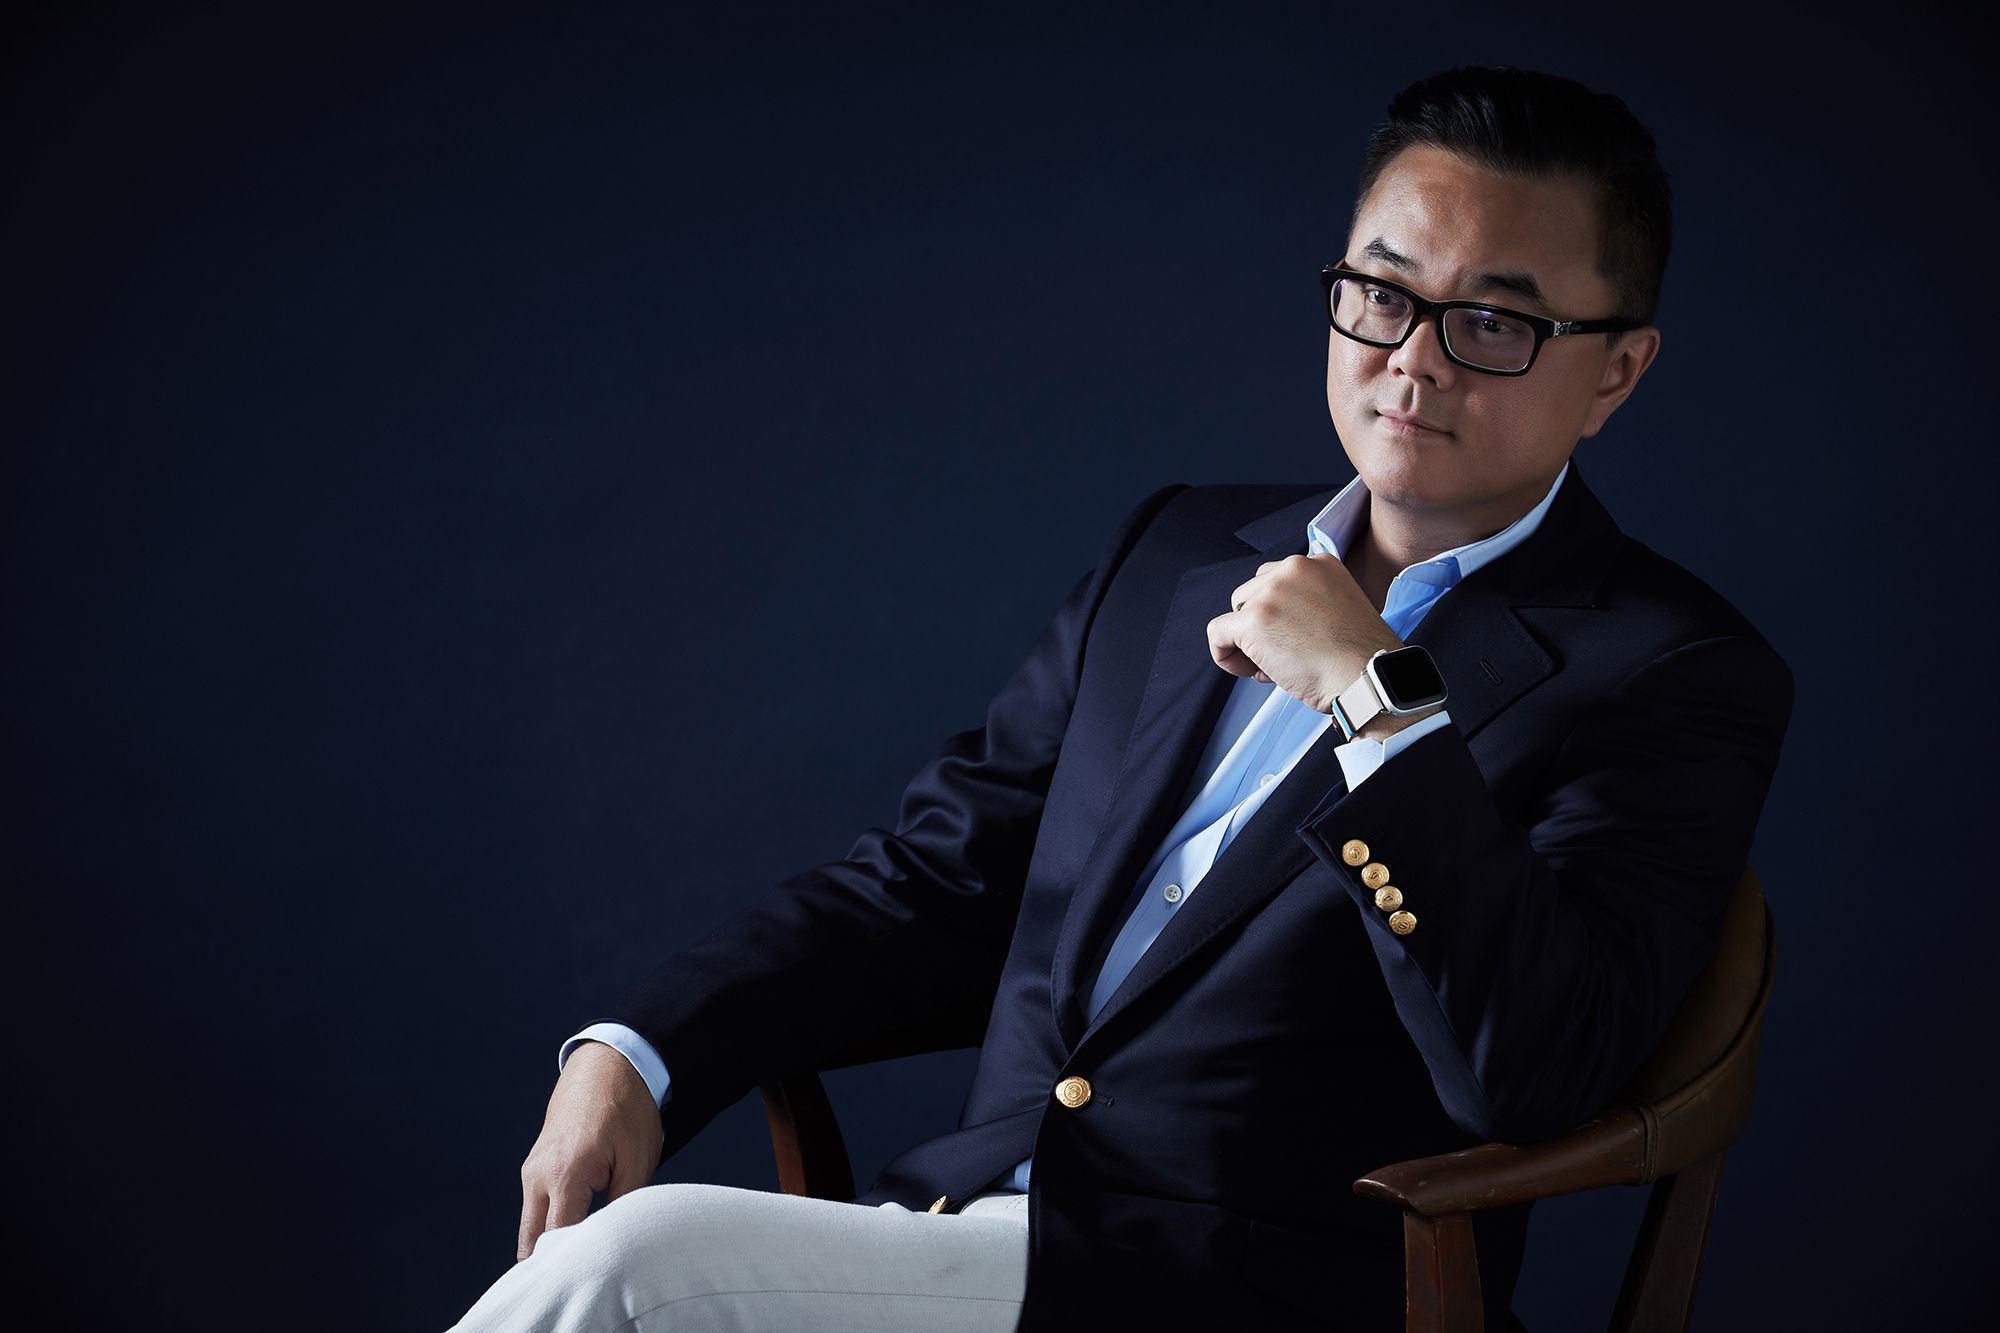 台灣最知名的老字號肉品加工品牌—新東陽如何邁向永續經營,總經理麥升陽承先啟後的經營哲學